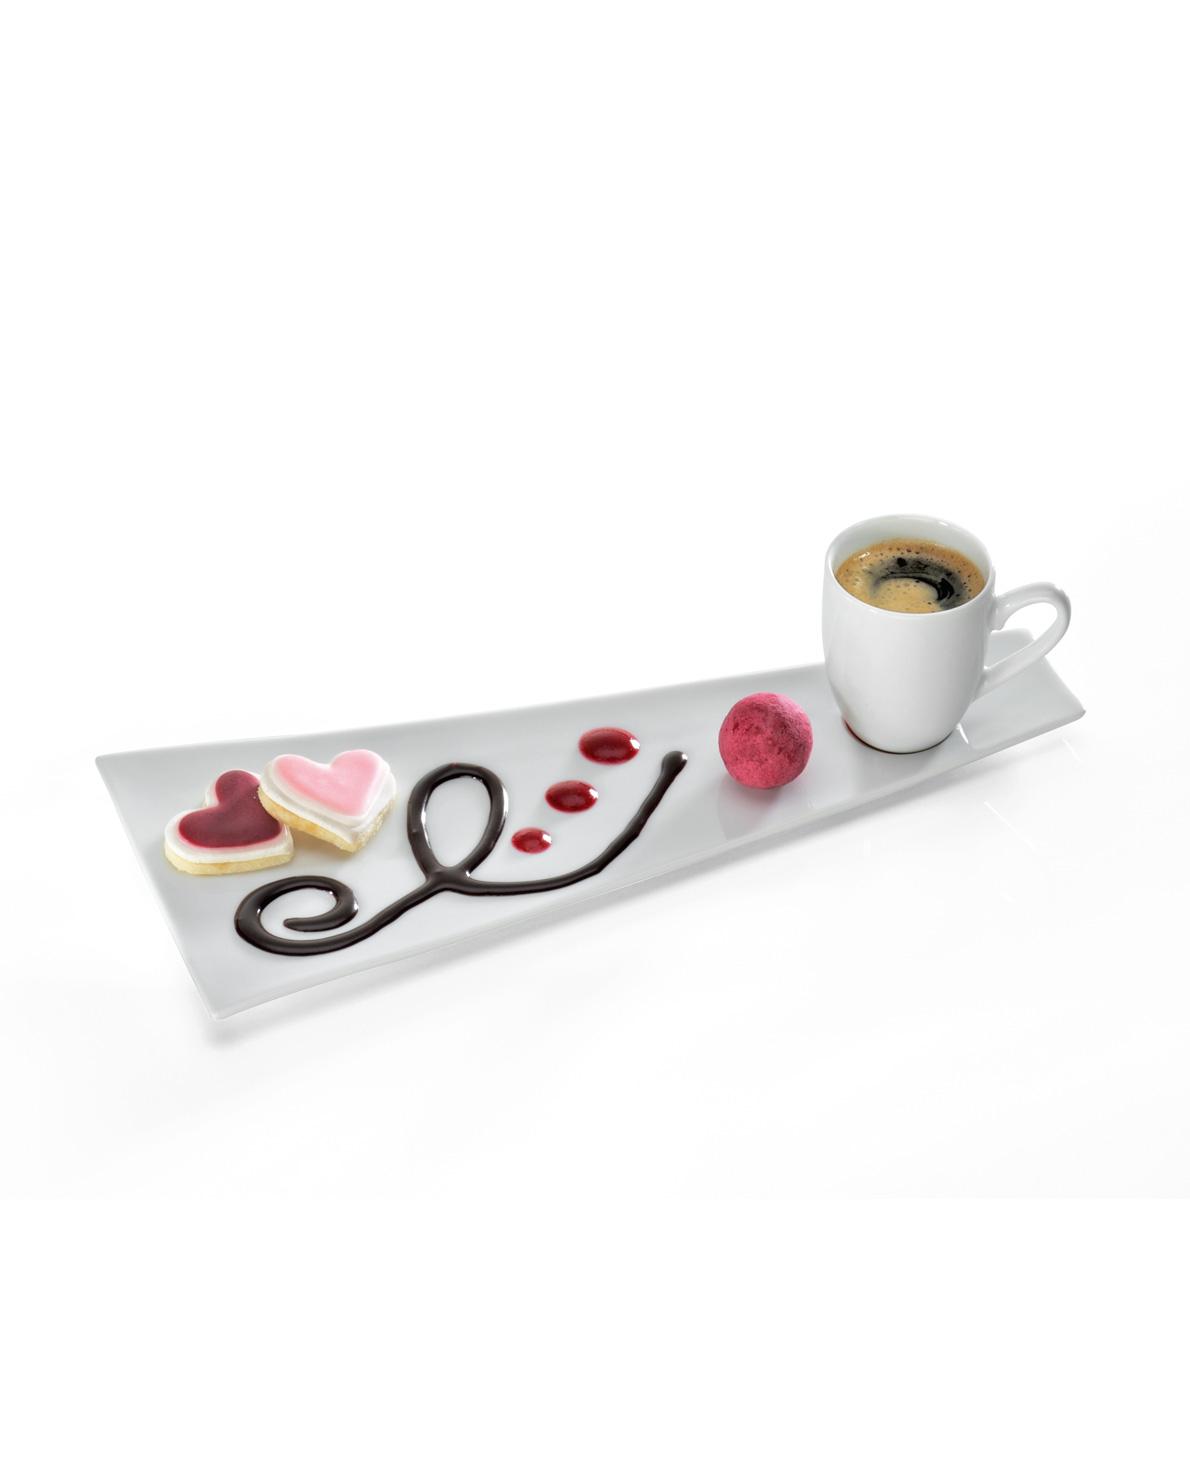 triangle Art Spoon Dekorierlöffel zeichnen schreiben mit Lebensmitteln SoßeTellerdekoration